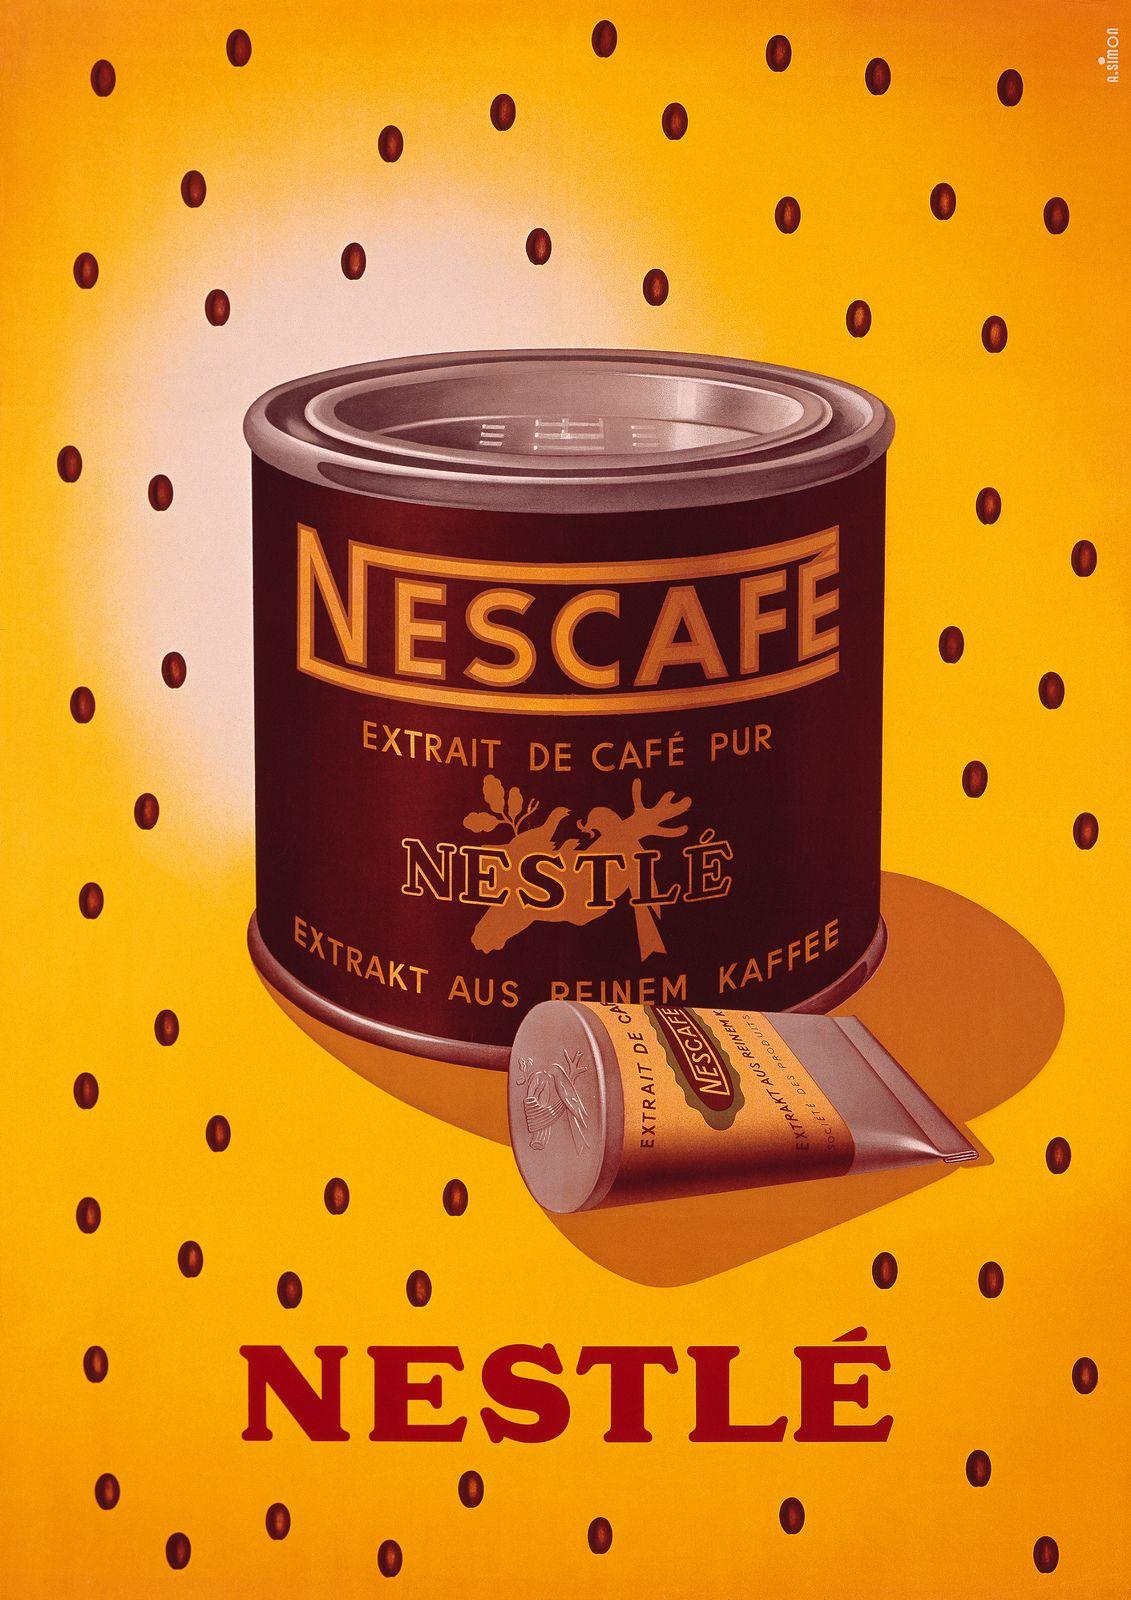 NESCAFÉ 75 Ans de savoir faire café. Retour en 1940